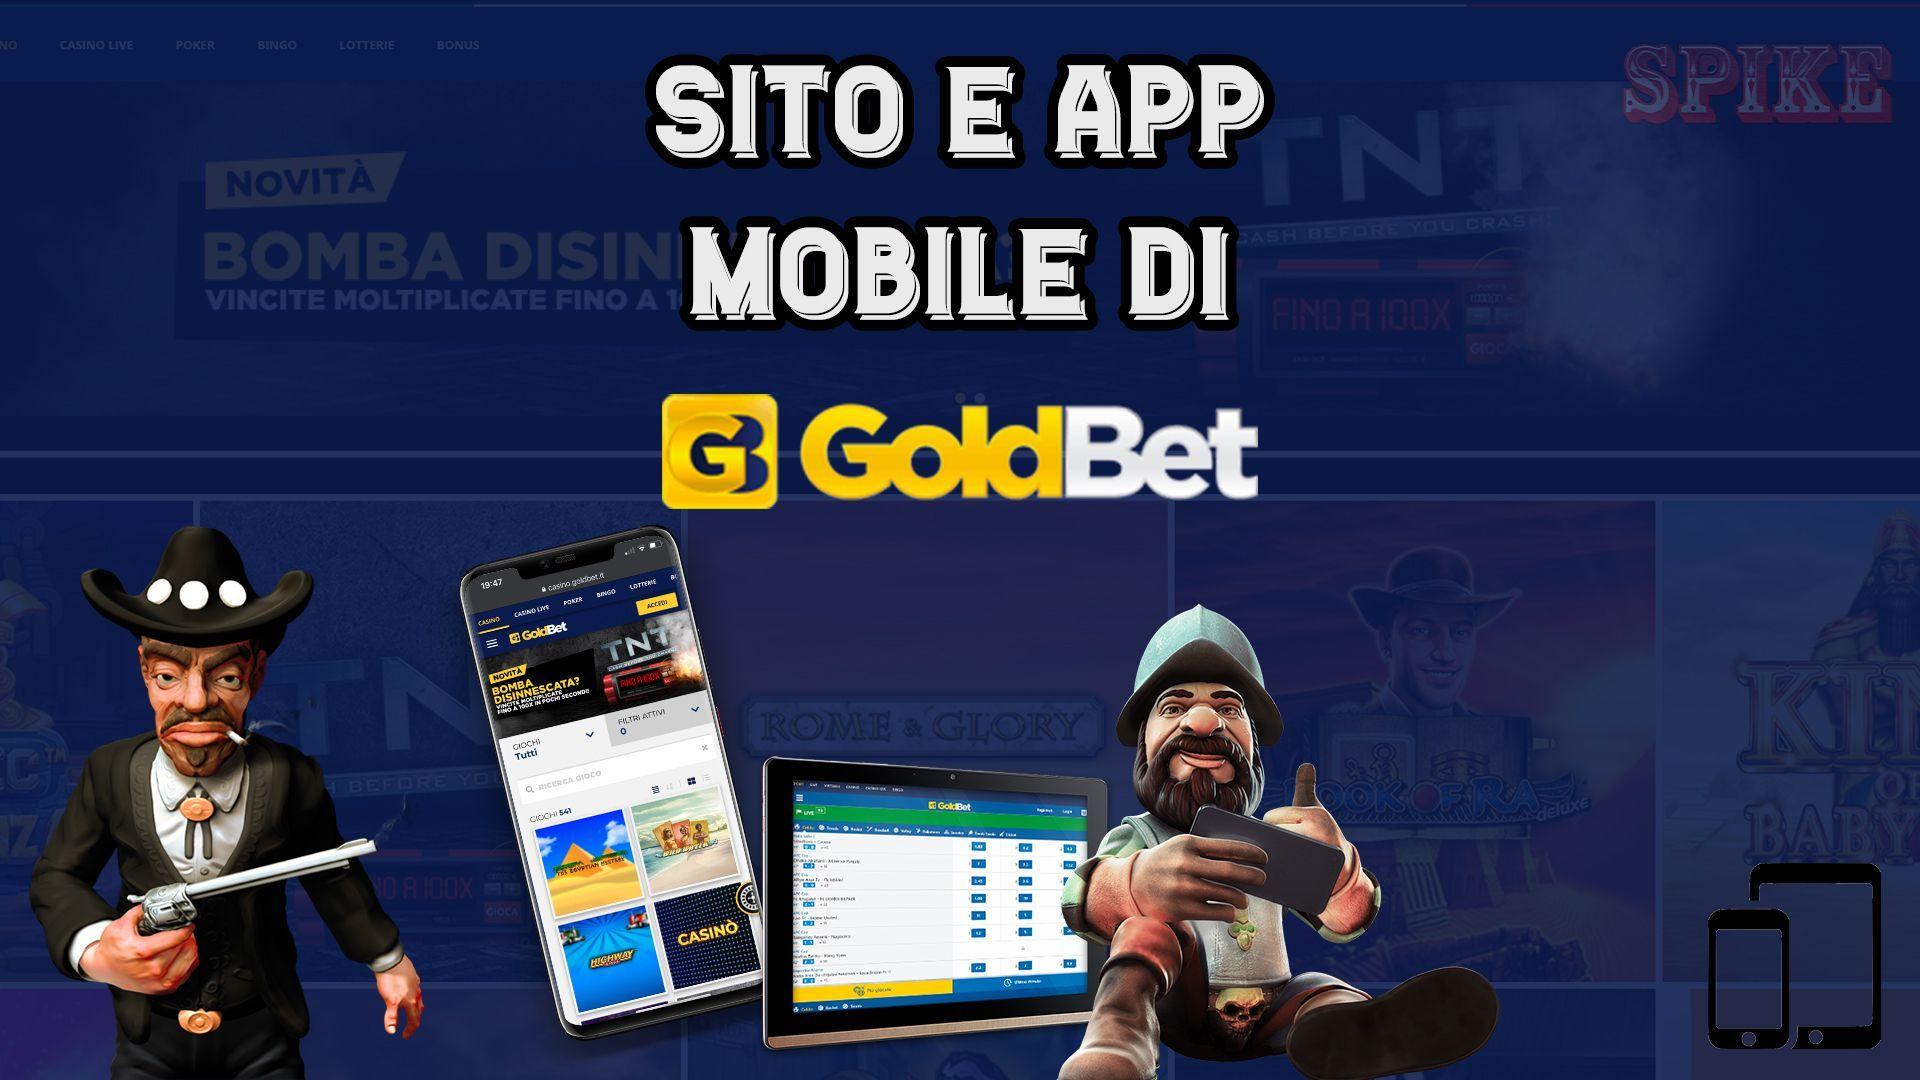 Guida al sito e App Mobile di GoldBet